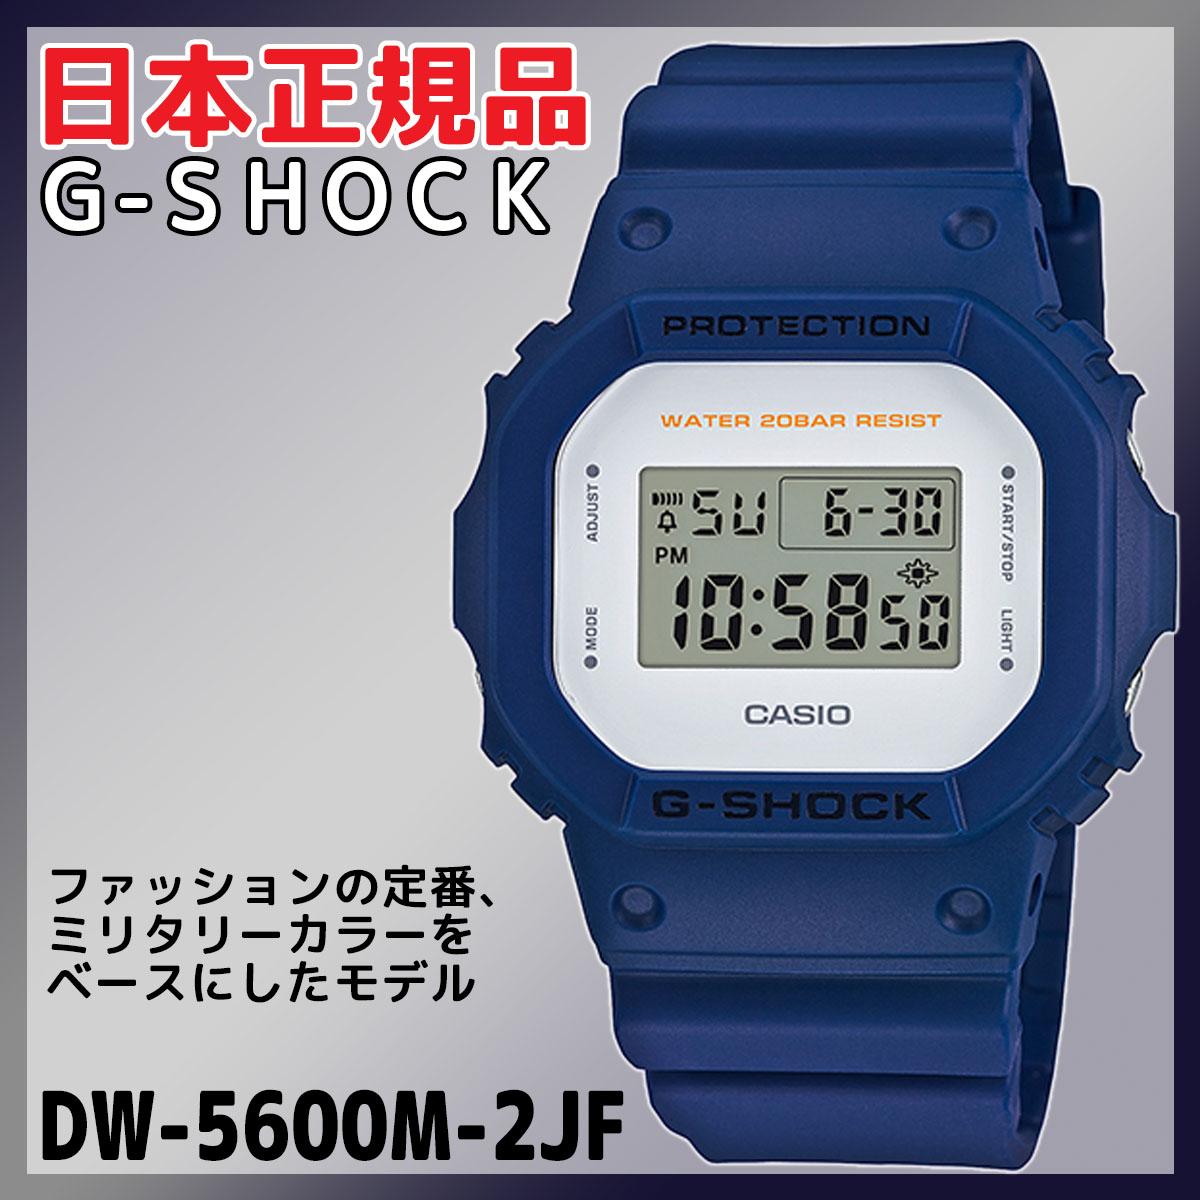 送料無料!【日本正規品】 DW-5600M-2JF カシオ G-SHOCK(ジーショック) 腕時計 20気圧防水